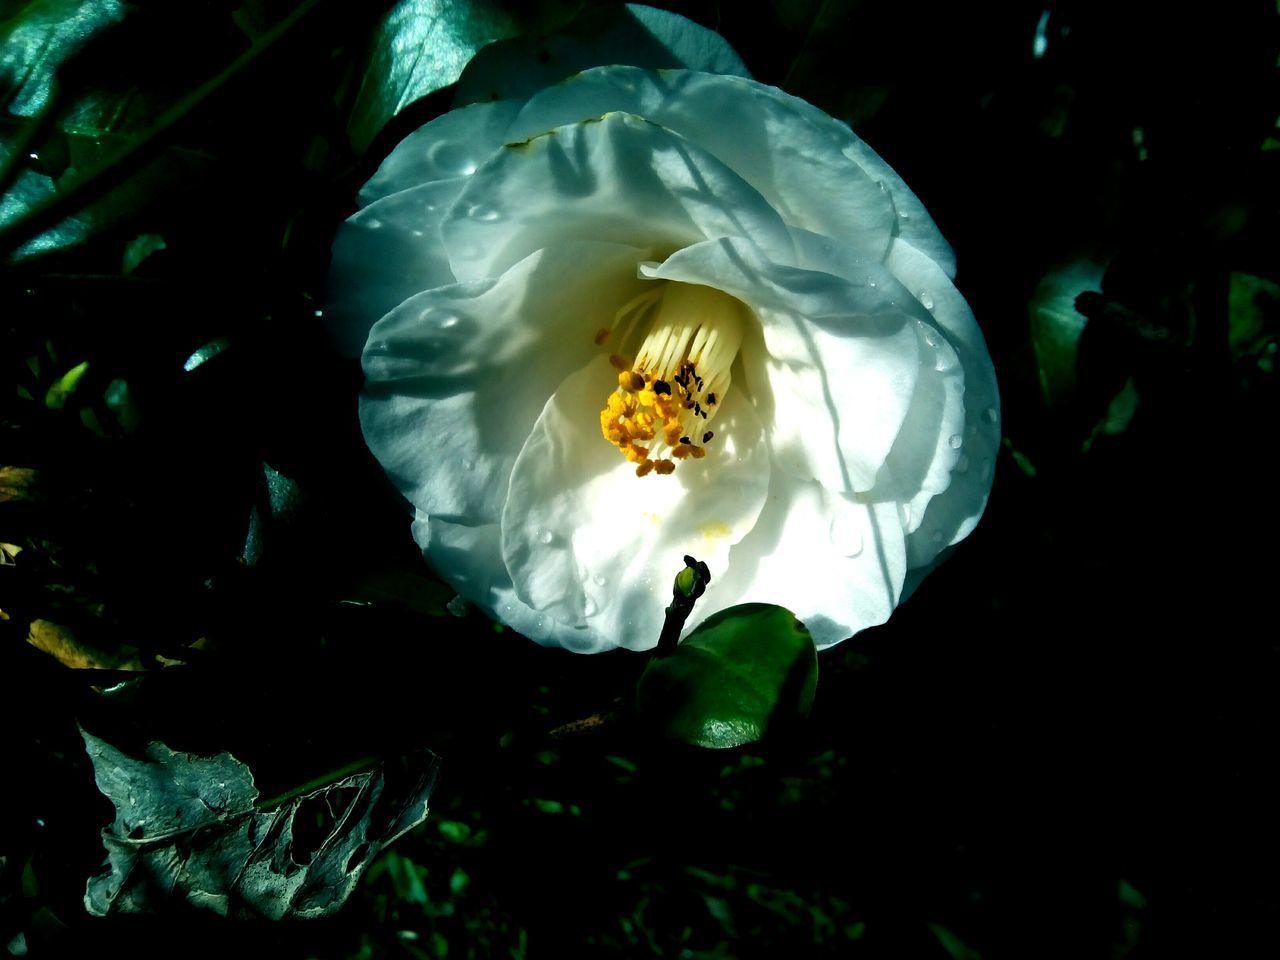 椿 Flower Camellia No People Plant first eyeem photo